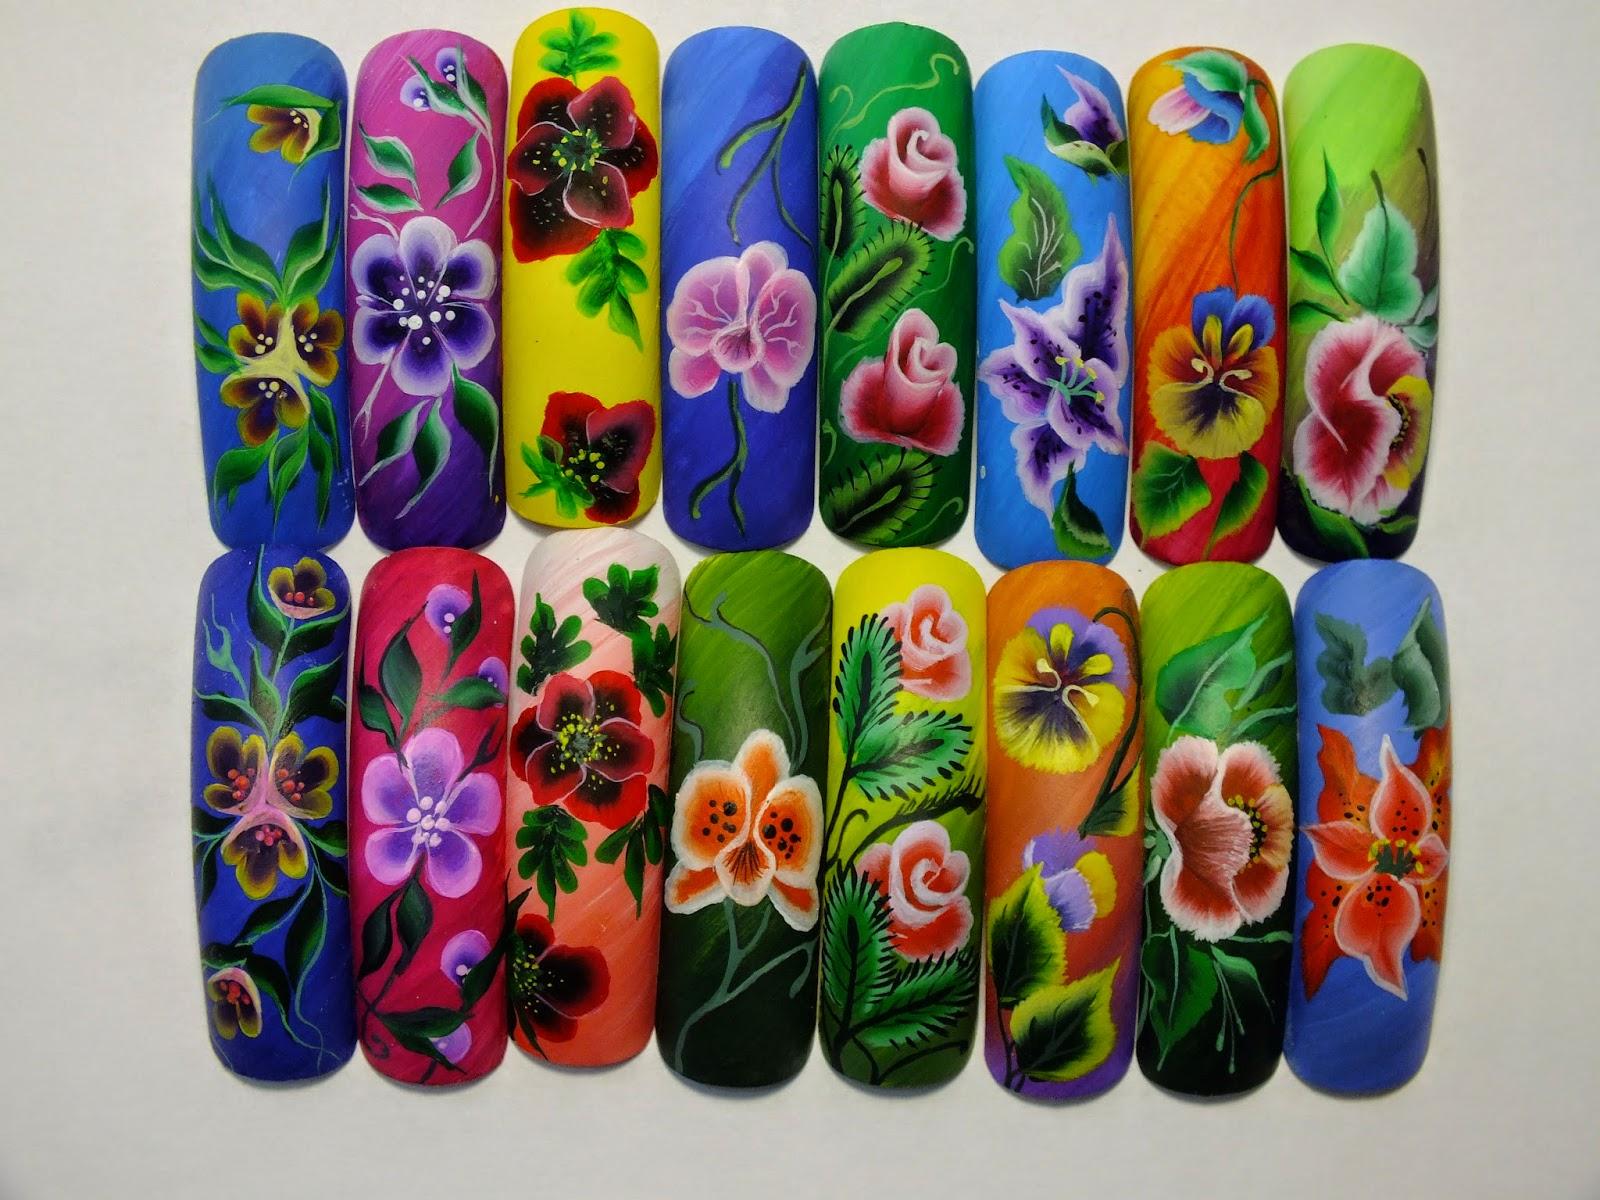 Китайская роспись ногтей бабочка фото